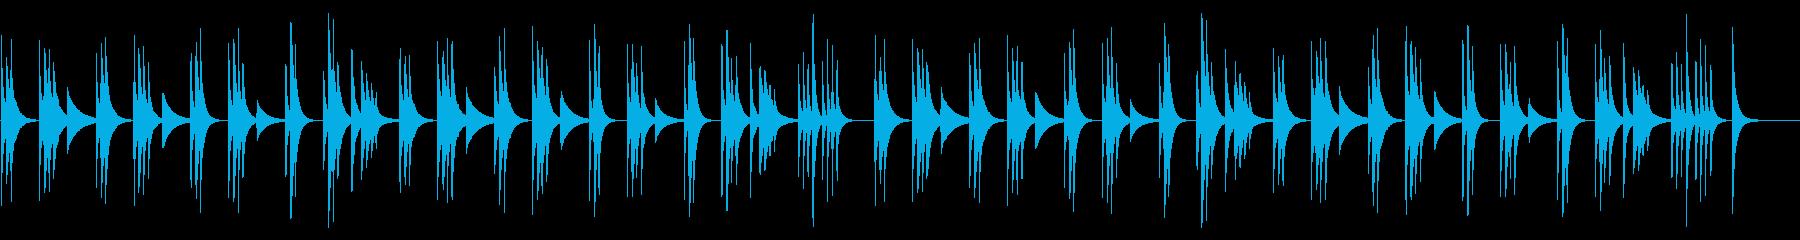 コミカルでネガティブな木琴の劇伴風の再生済みの波形